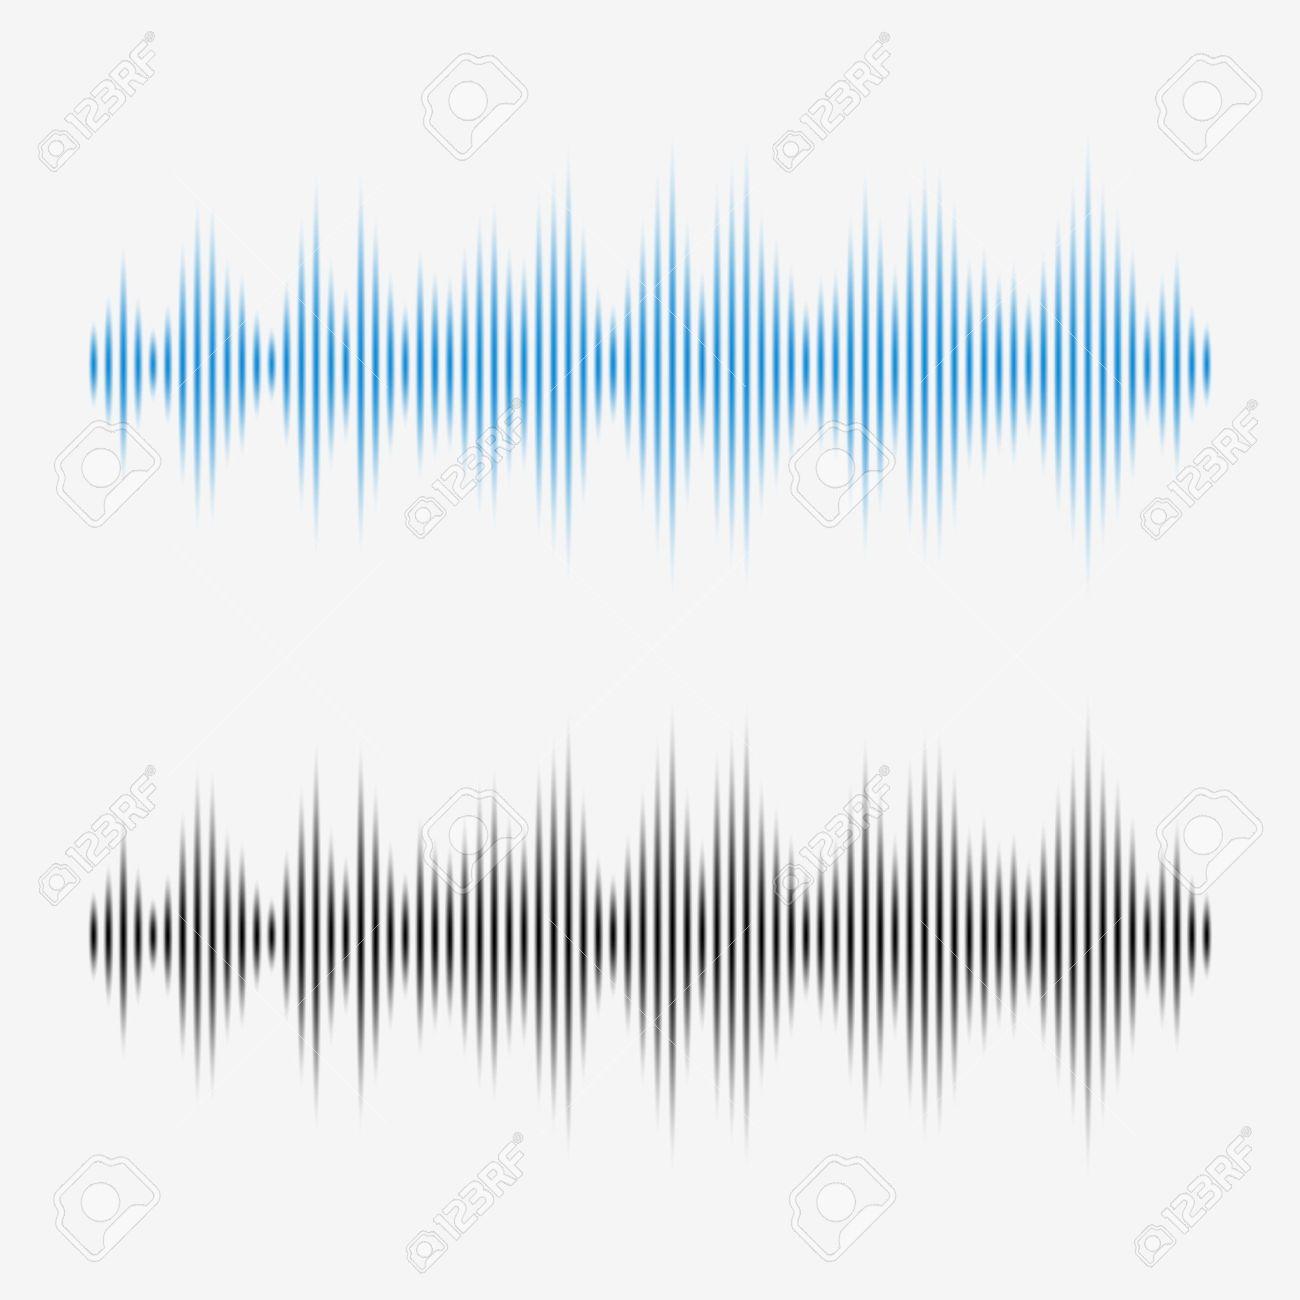 Vector sound waves. Music Digital Equalizer. - 45049094